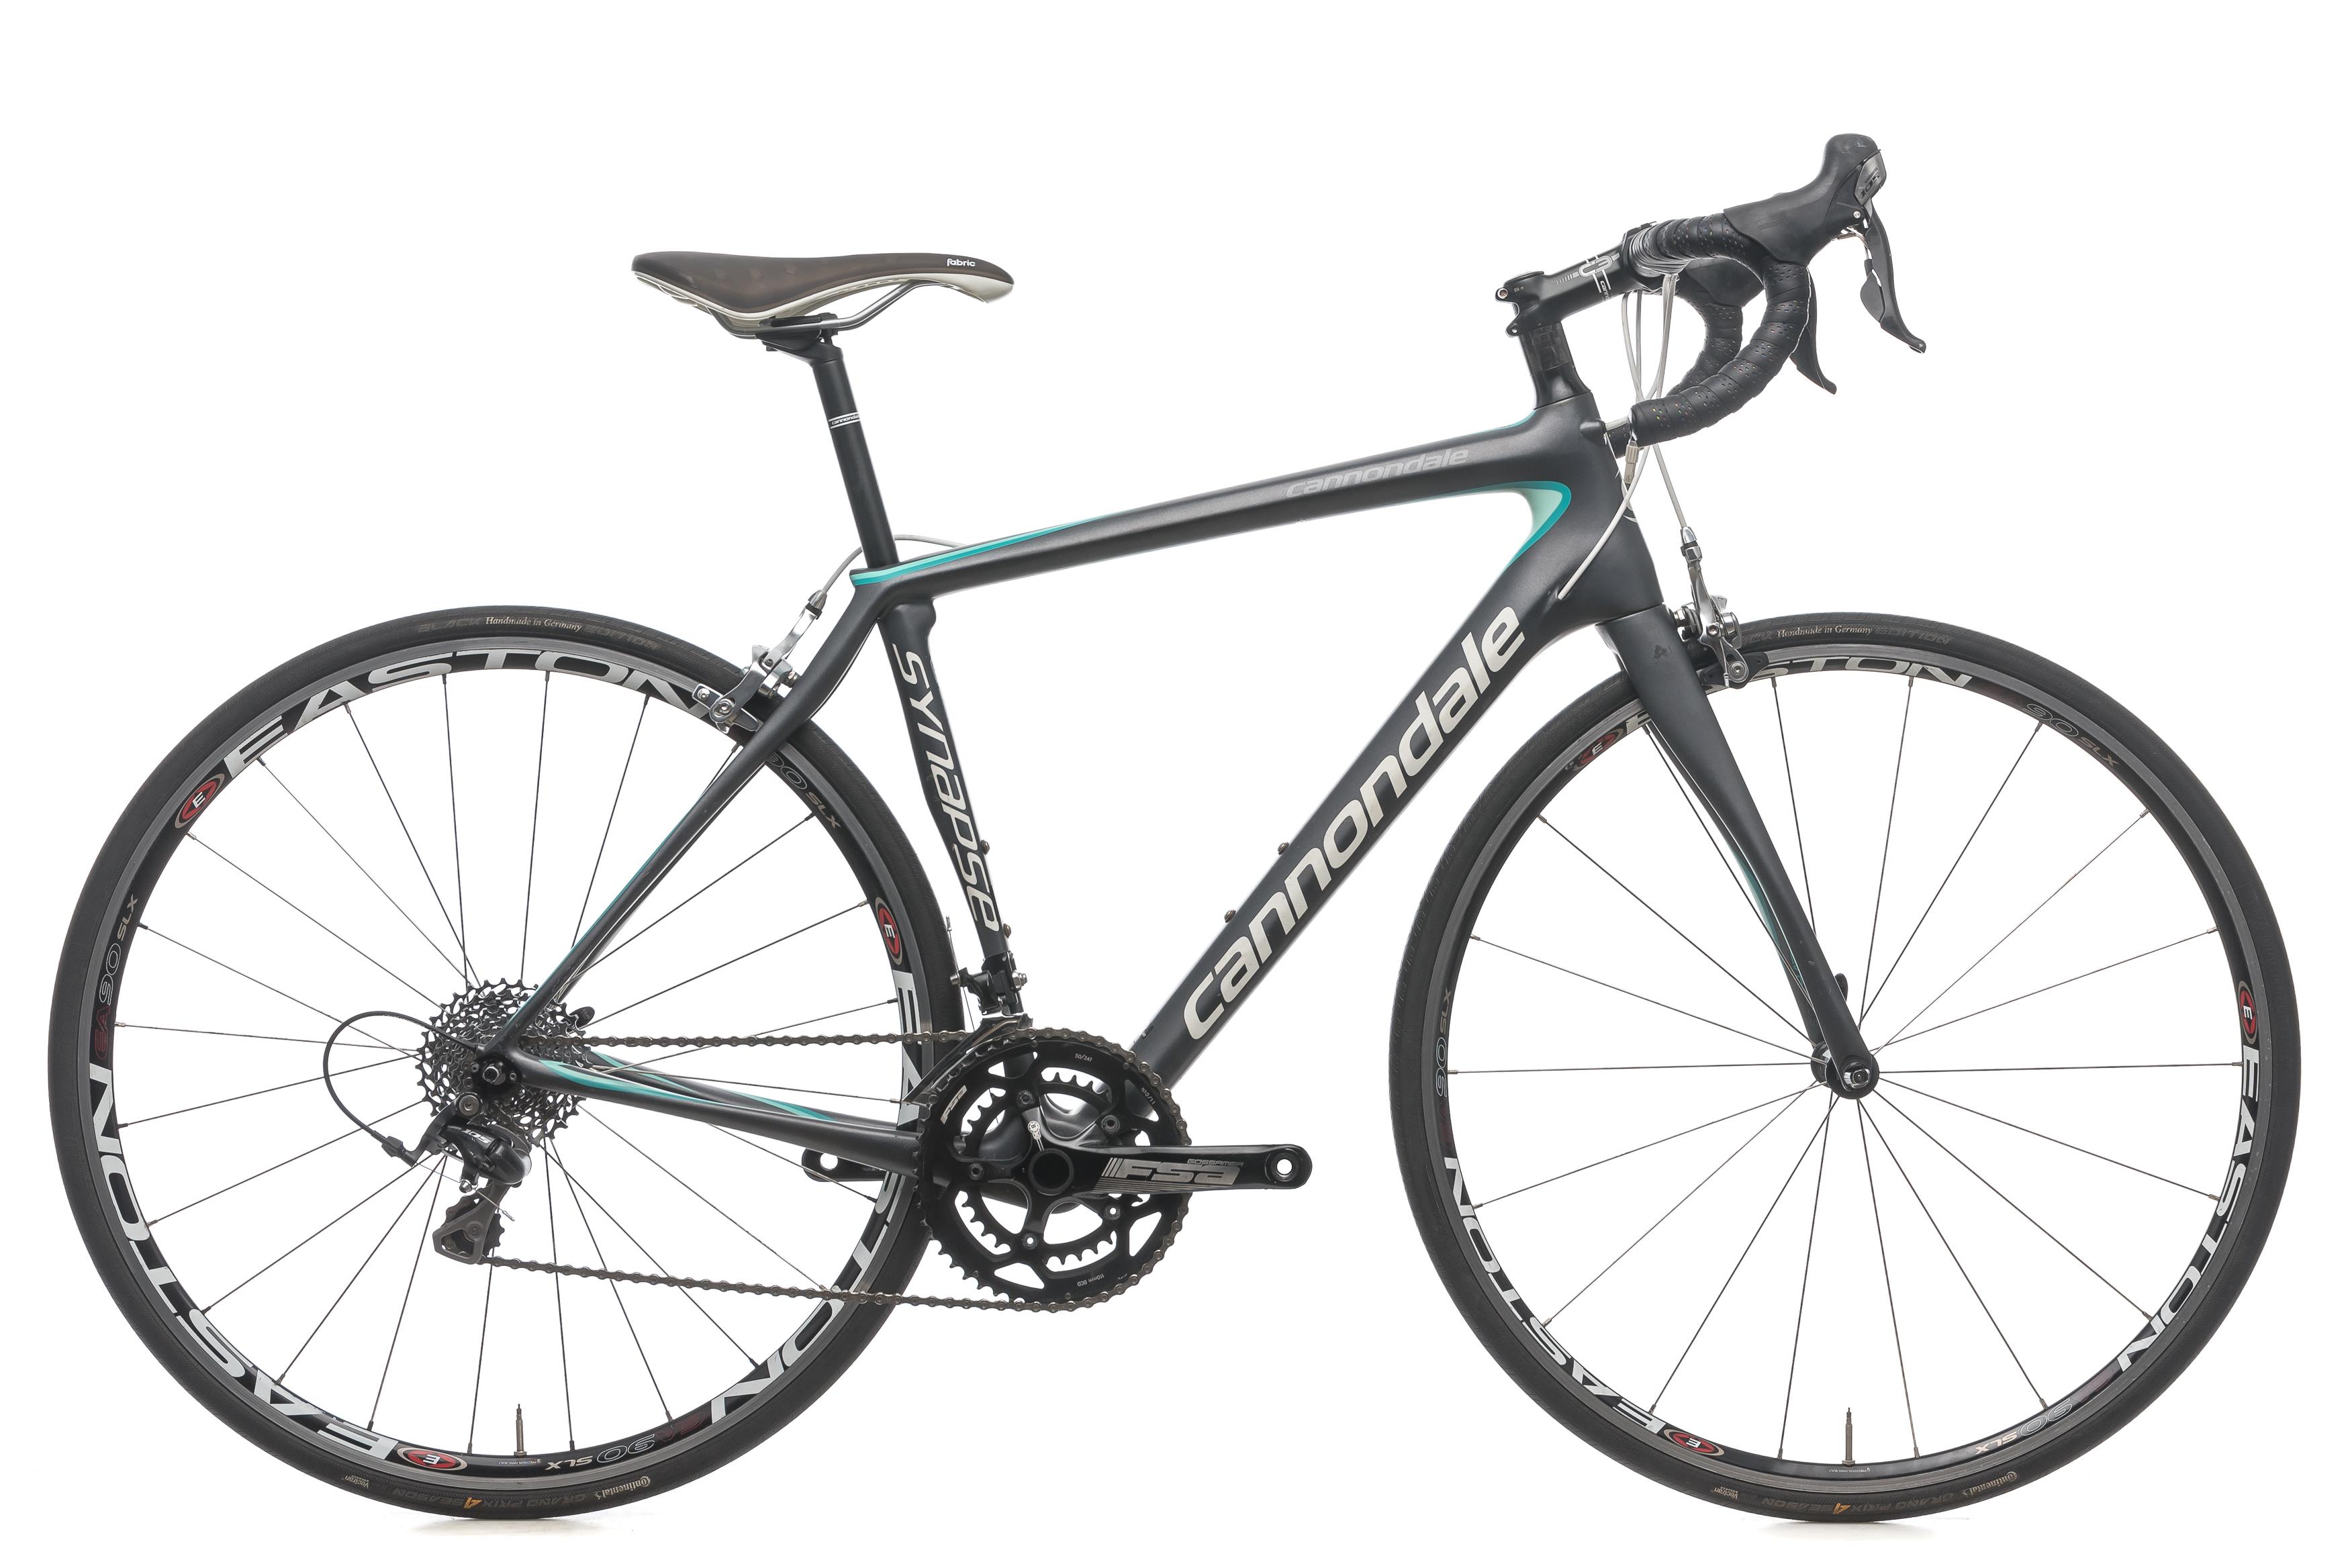 ca7d86c78c7 2015 Cannondale Synapse 6 105 Womens Road Bike 54cm Medium Carbon Shimano  5700